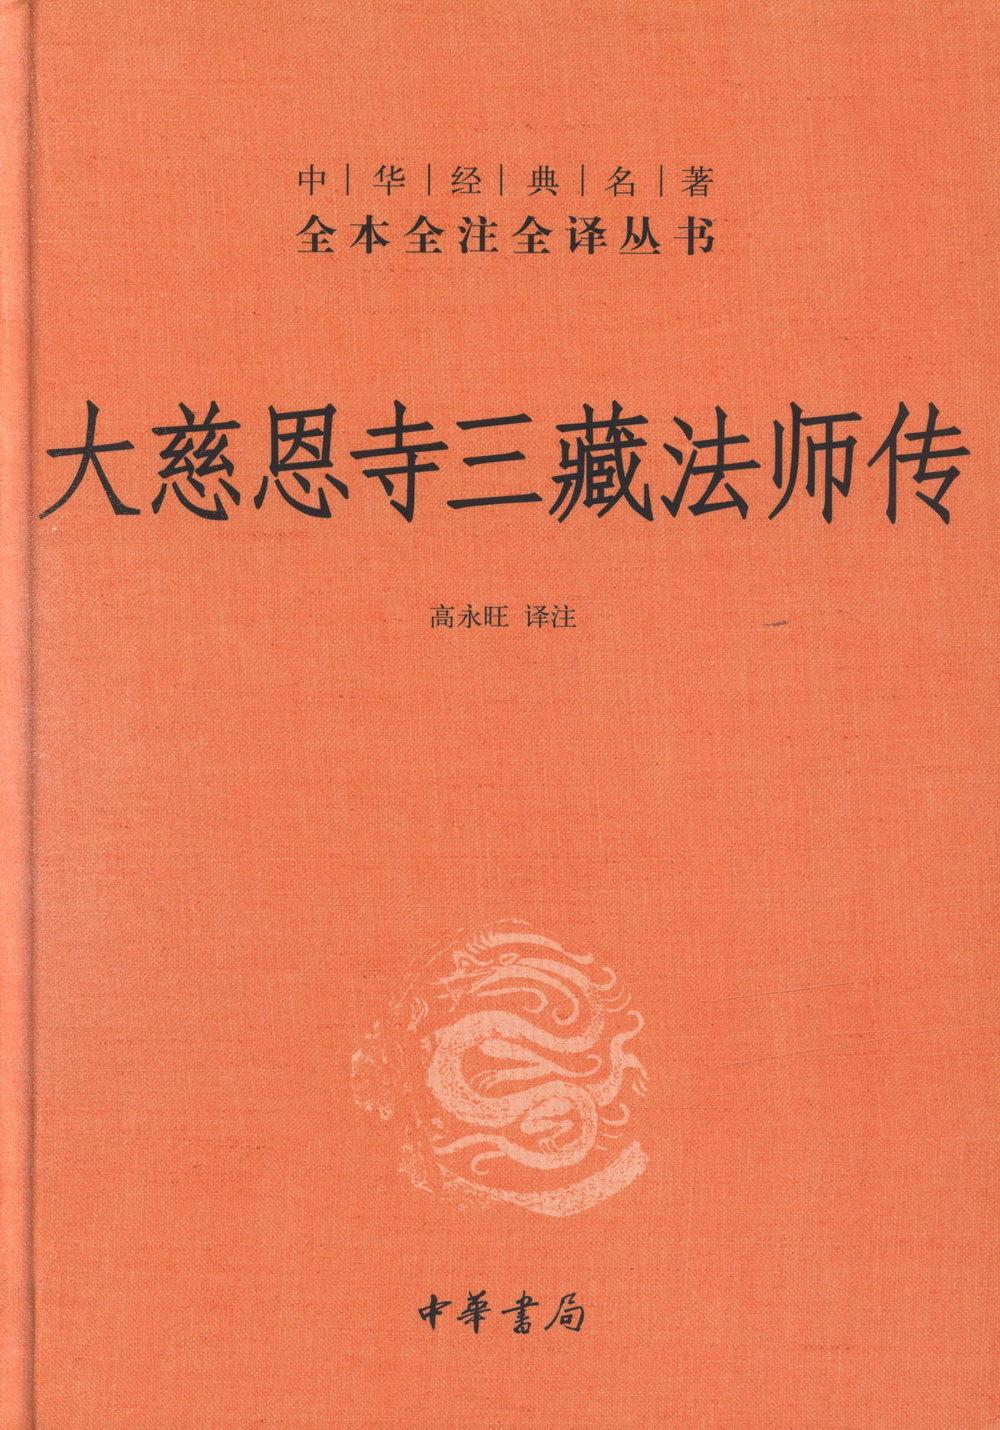 大慈恩寺三藏法師傳